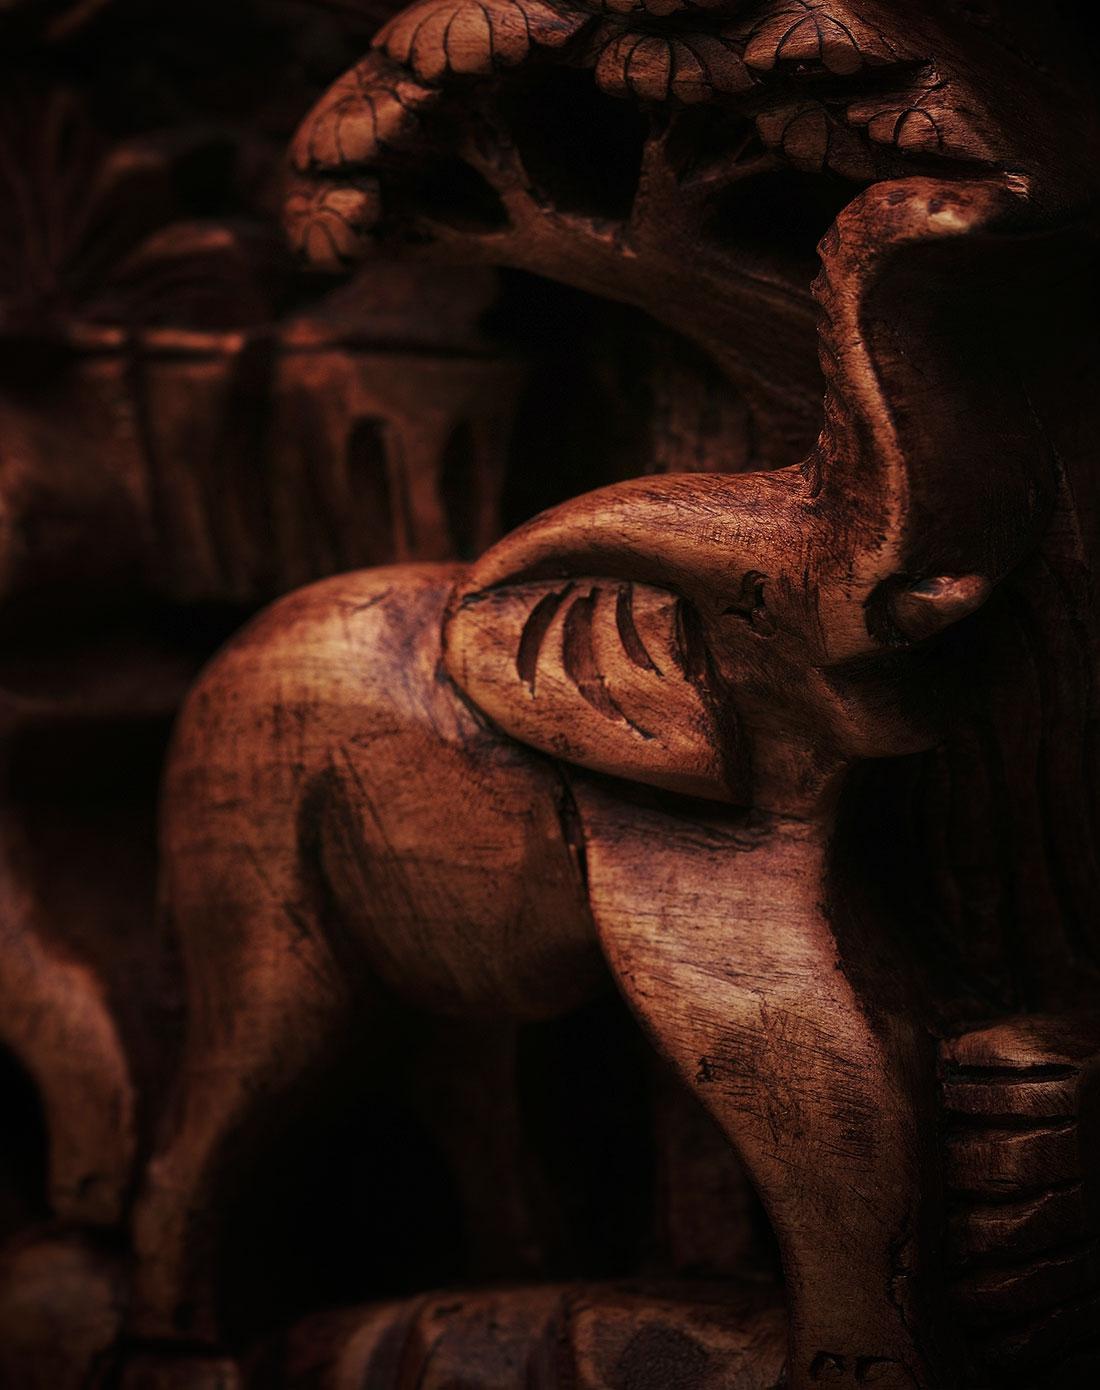 印尼.巴厘马斯大师立体木雕花板作品《森林家族》